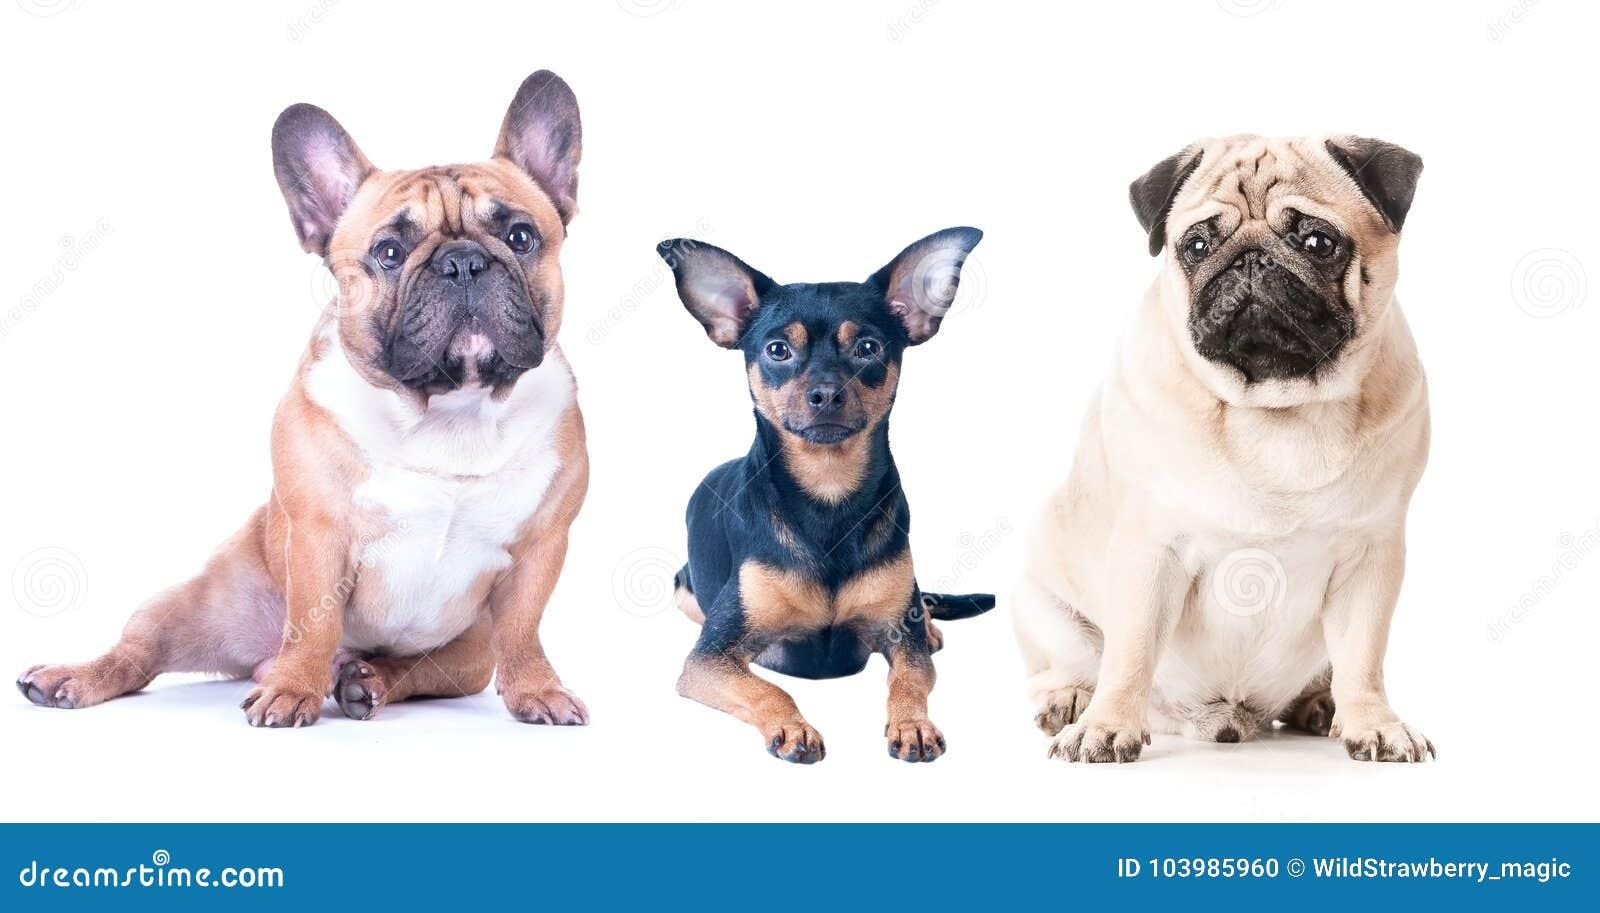 Τρία σκυλιά σε ένα άσπρο υπόβαθρο, που απομονώνεται Γαλλικό μπουλντόγκ, μαλαγμένος πηλός